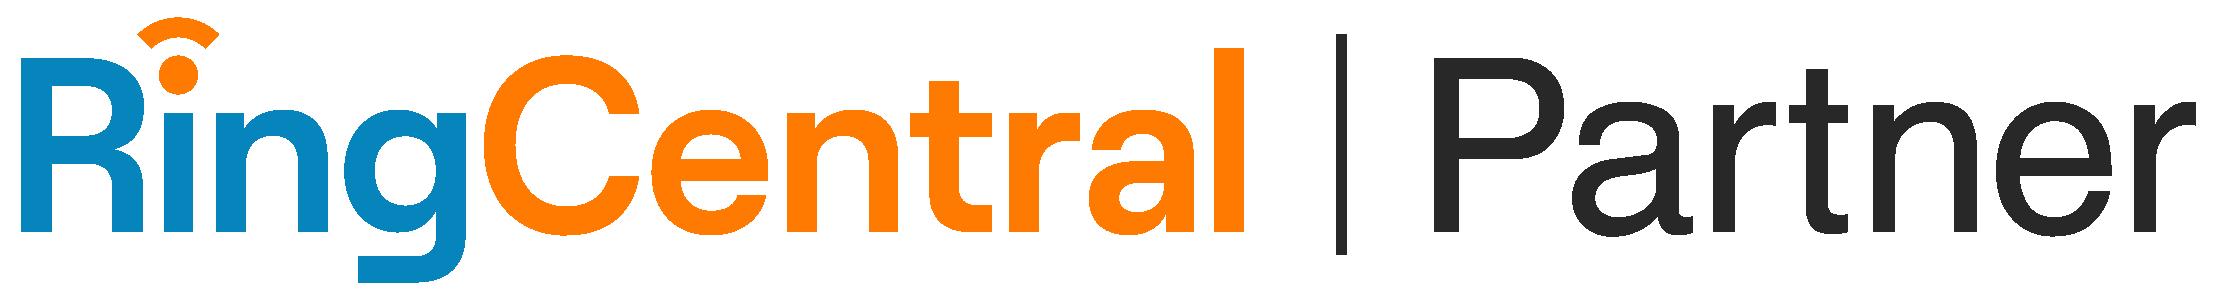 Bay Networks Ring Central Partner